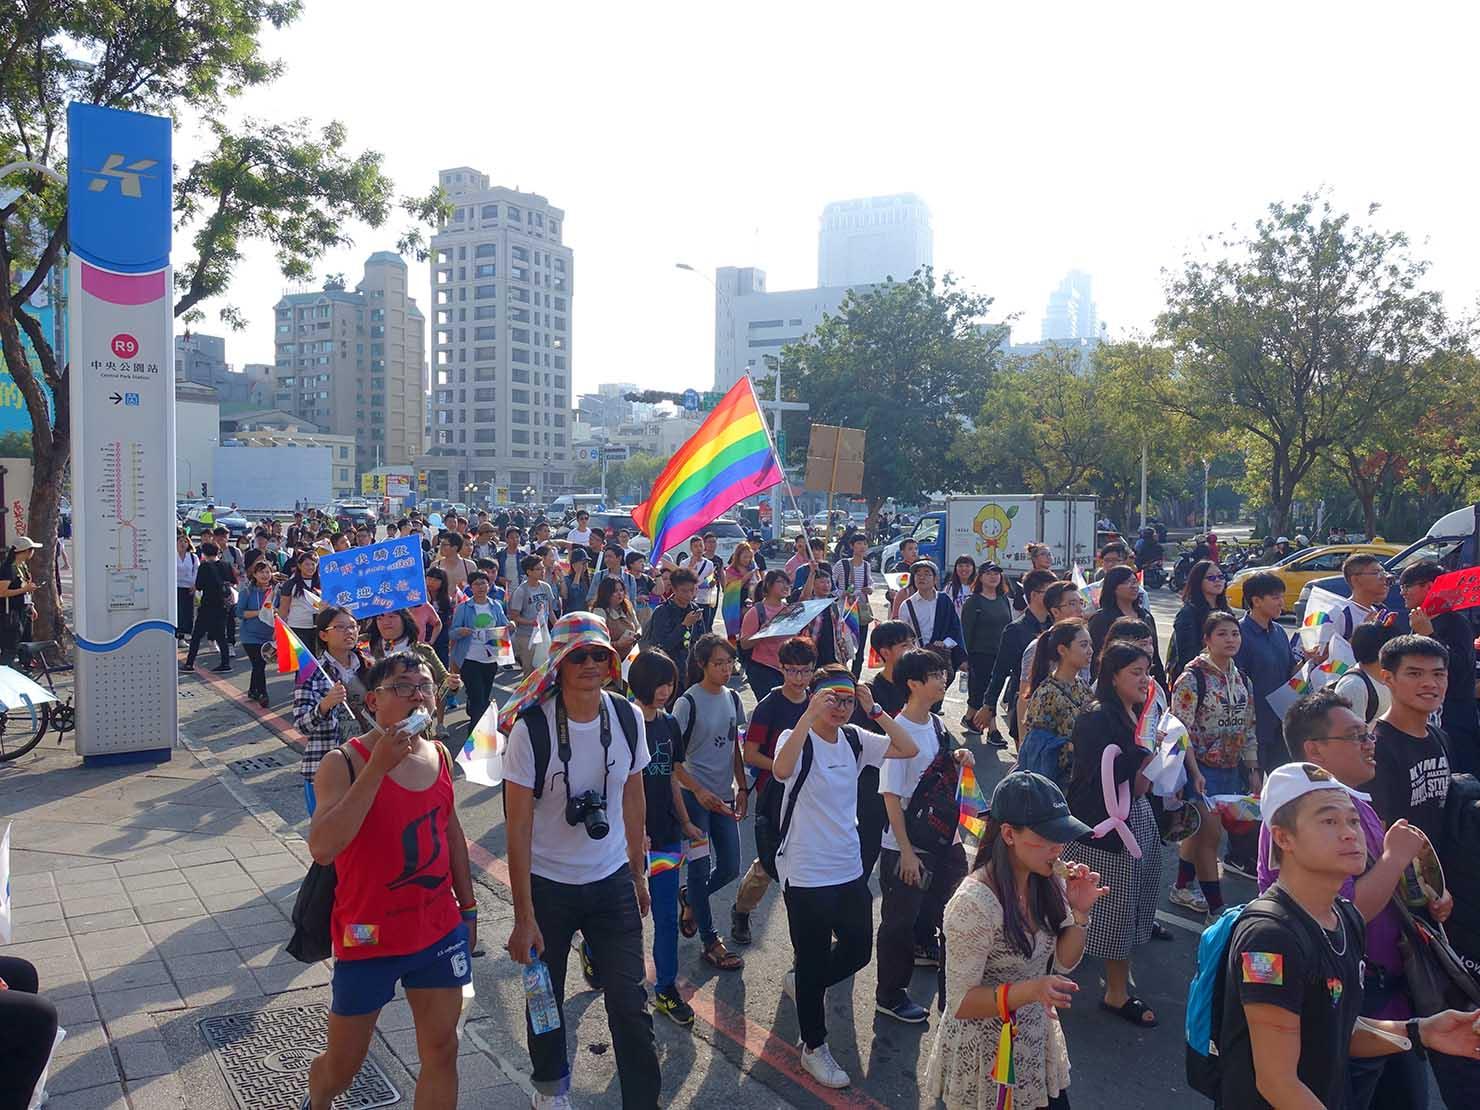 高雄同志大遊行(高雄レインボーパレード)2017で中央公園にさしかかるパレード隊列